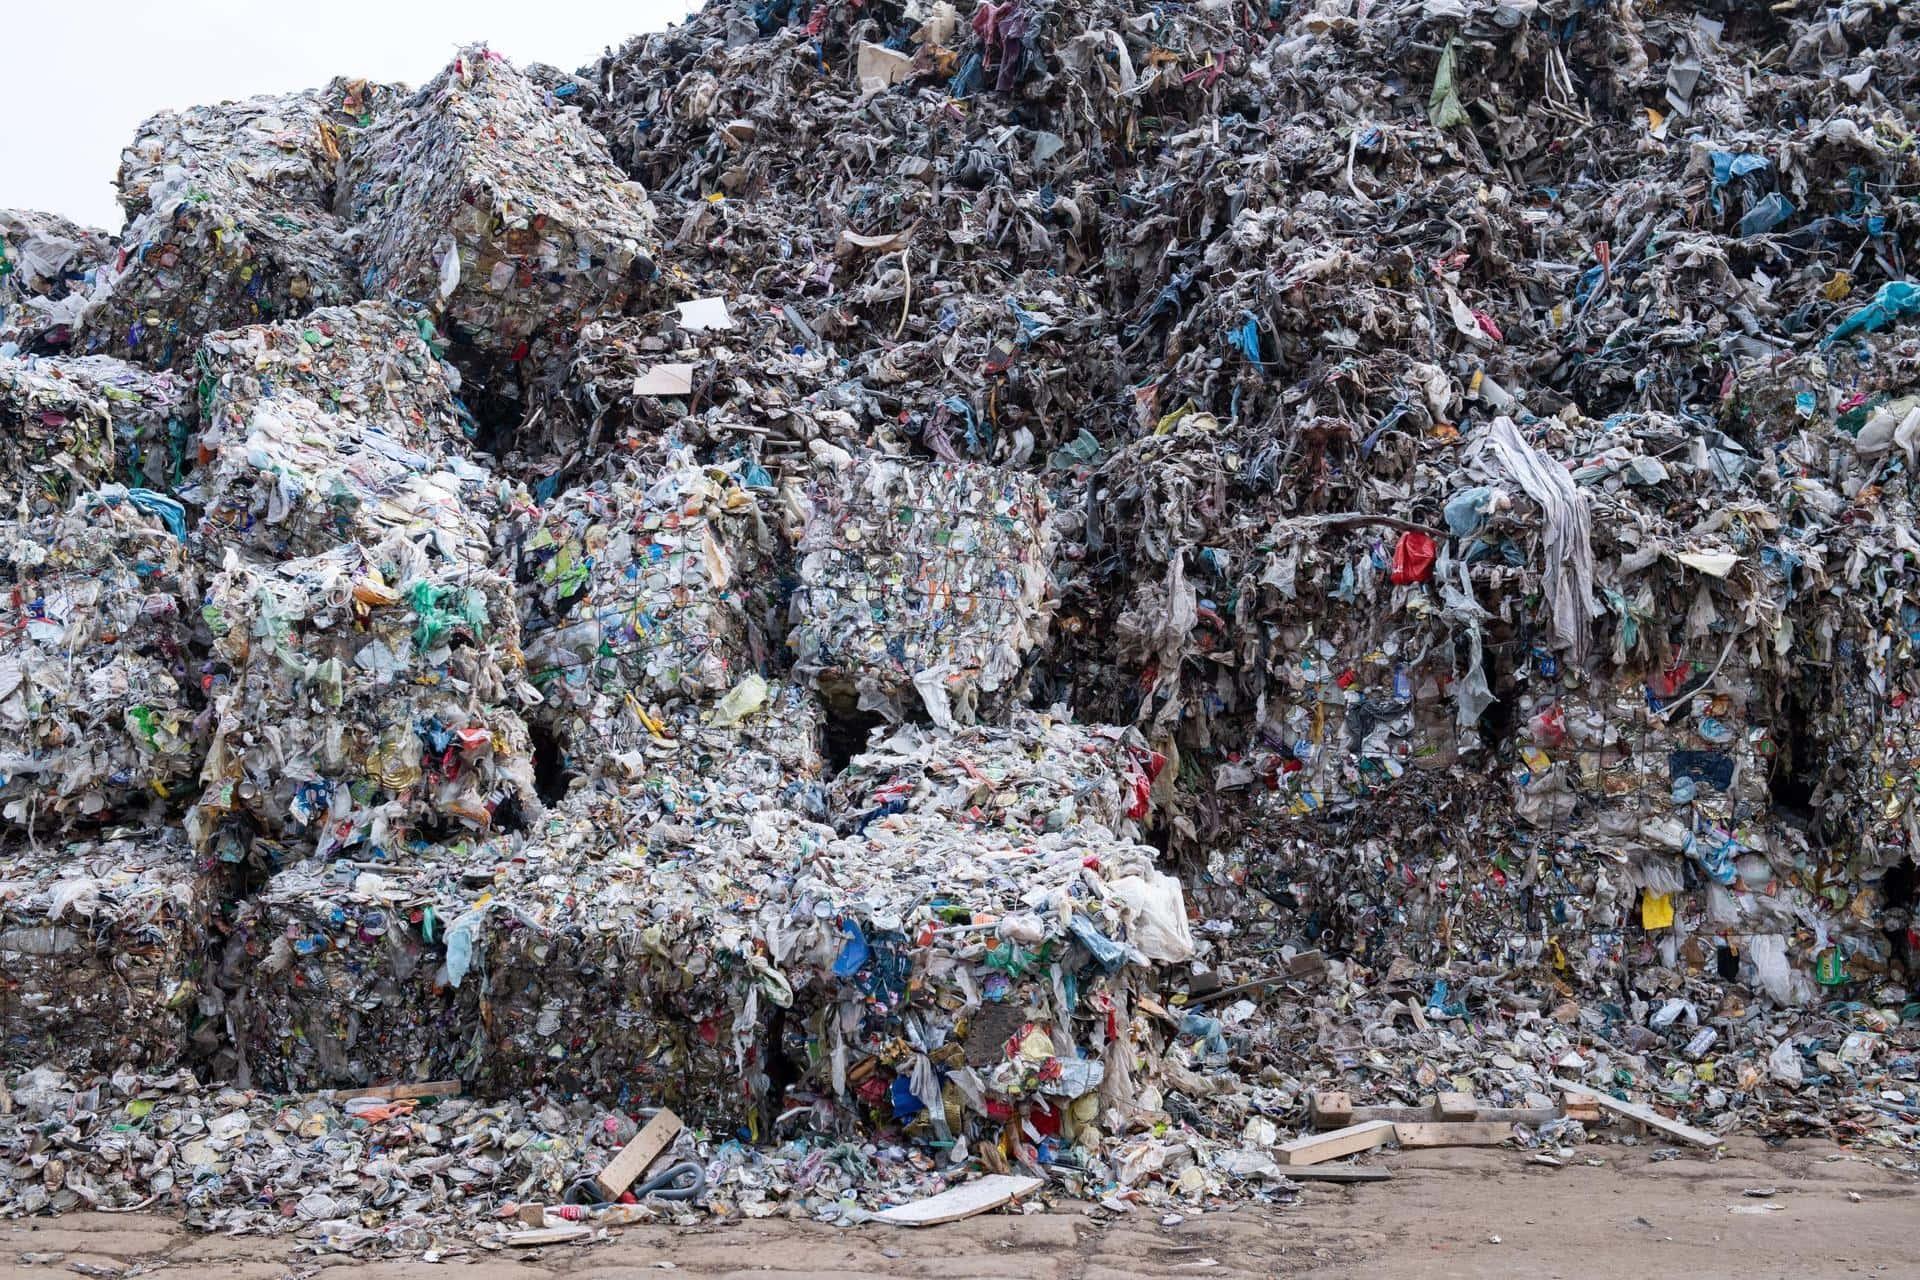 Von Menschen produzierte Masse übersteigt weltweite Biomasse